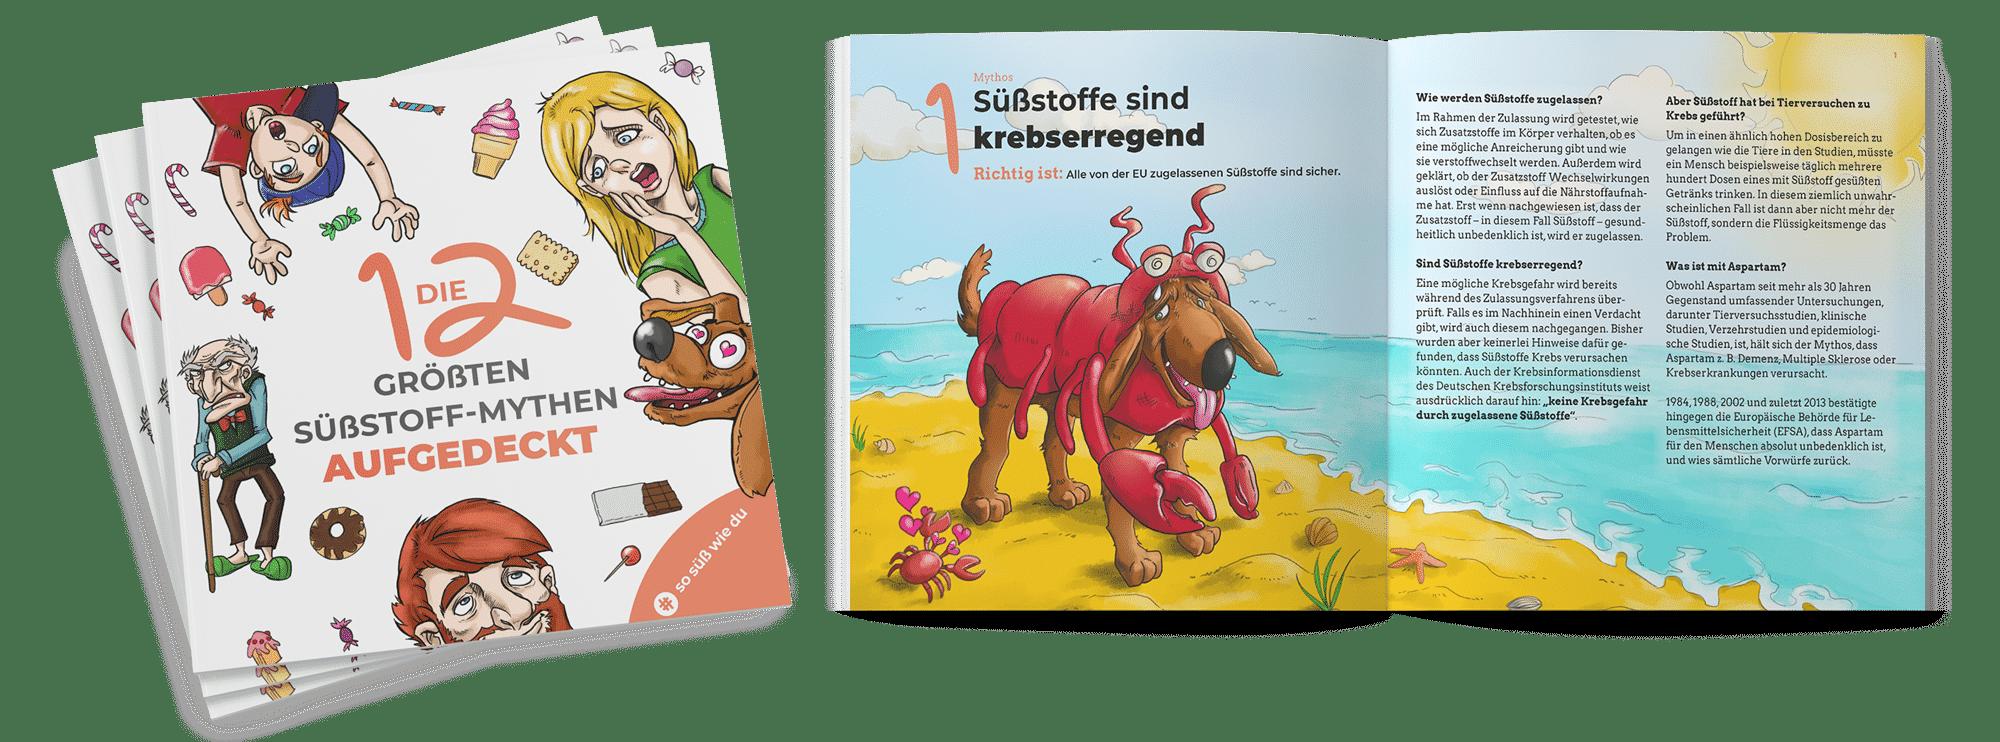 Die 12 größten Süßstoff-Mythen aufgedeckt, Süßstoff-Verband, Comicbuch, Editorial Design Agentur